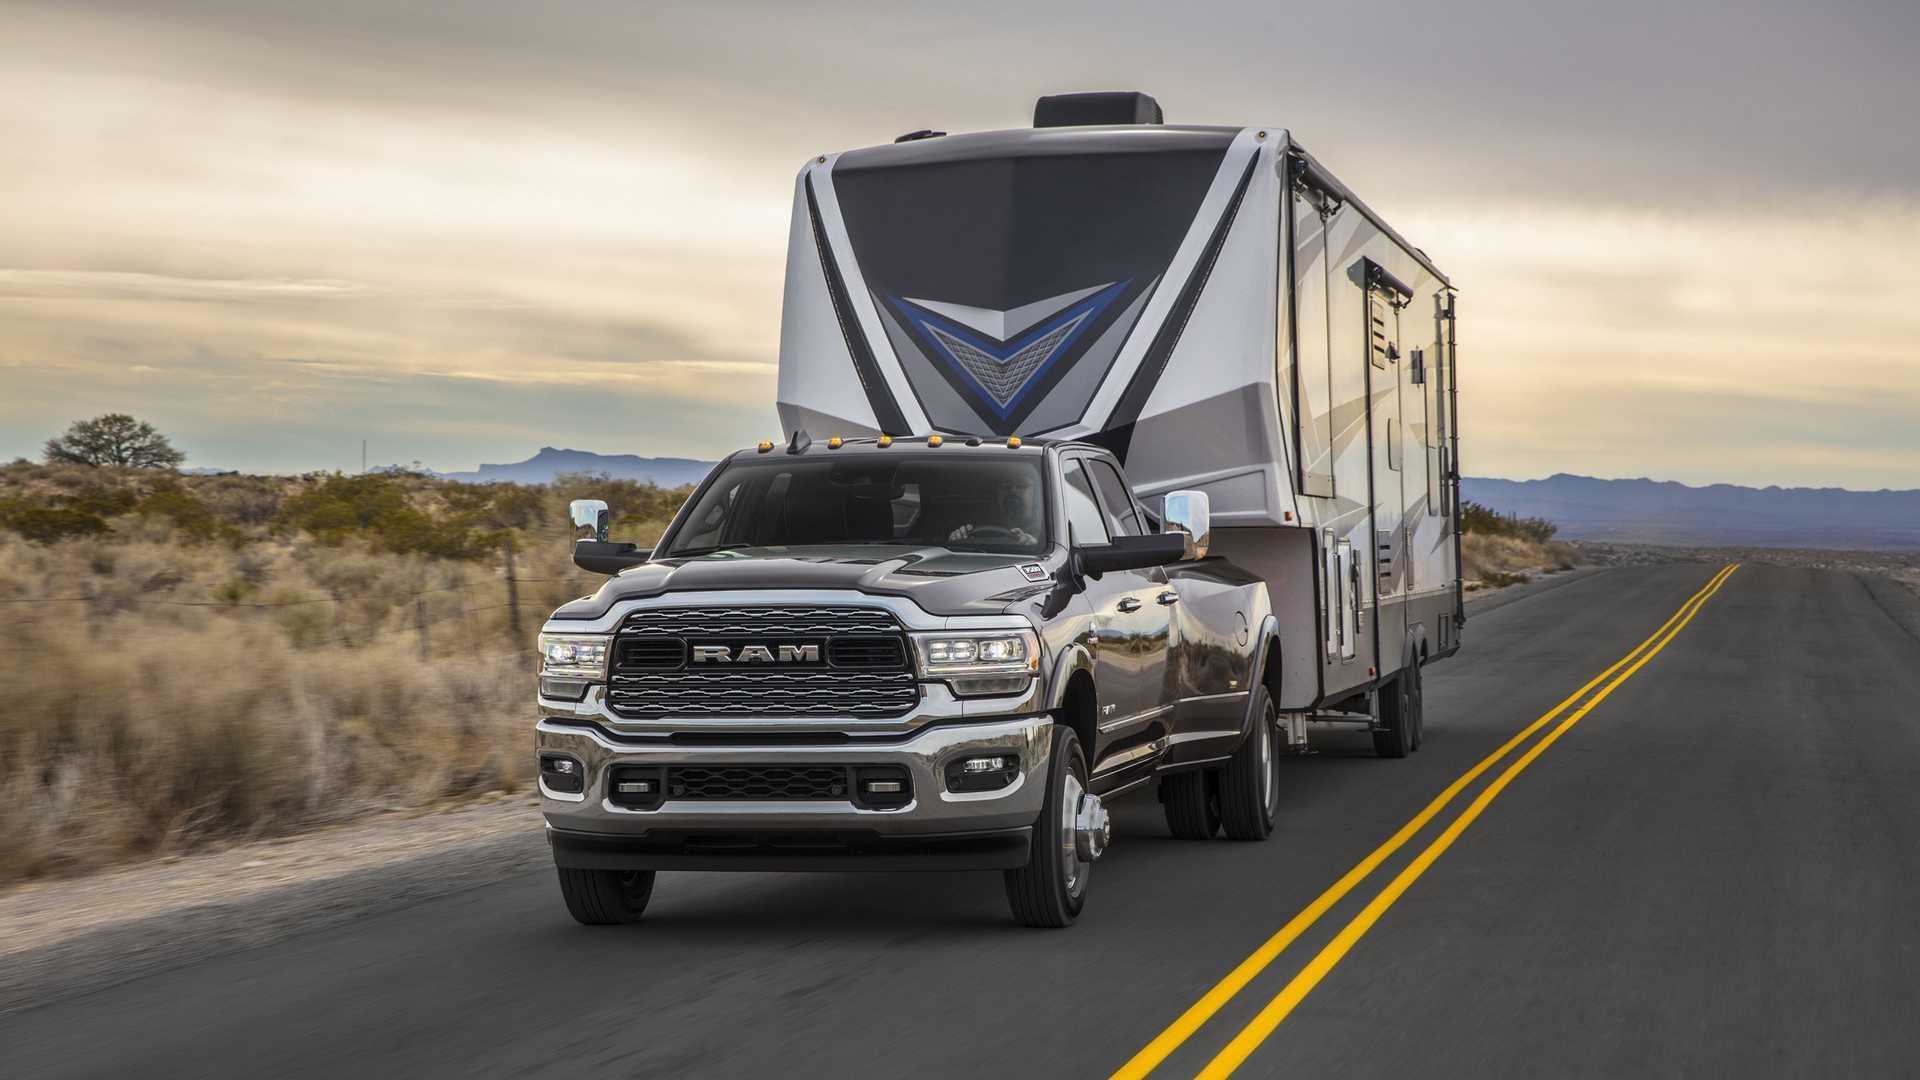 2019-ram-heavy-duty-exterior (56)